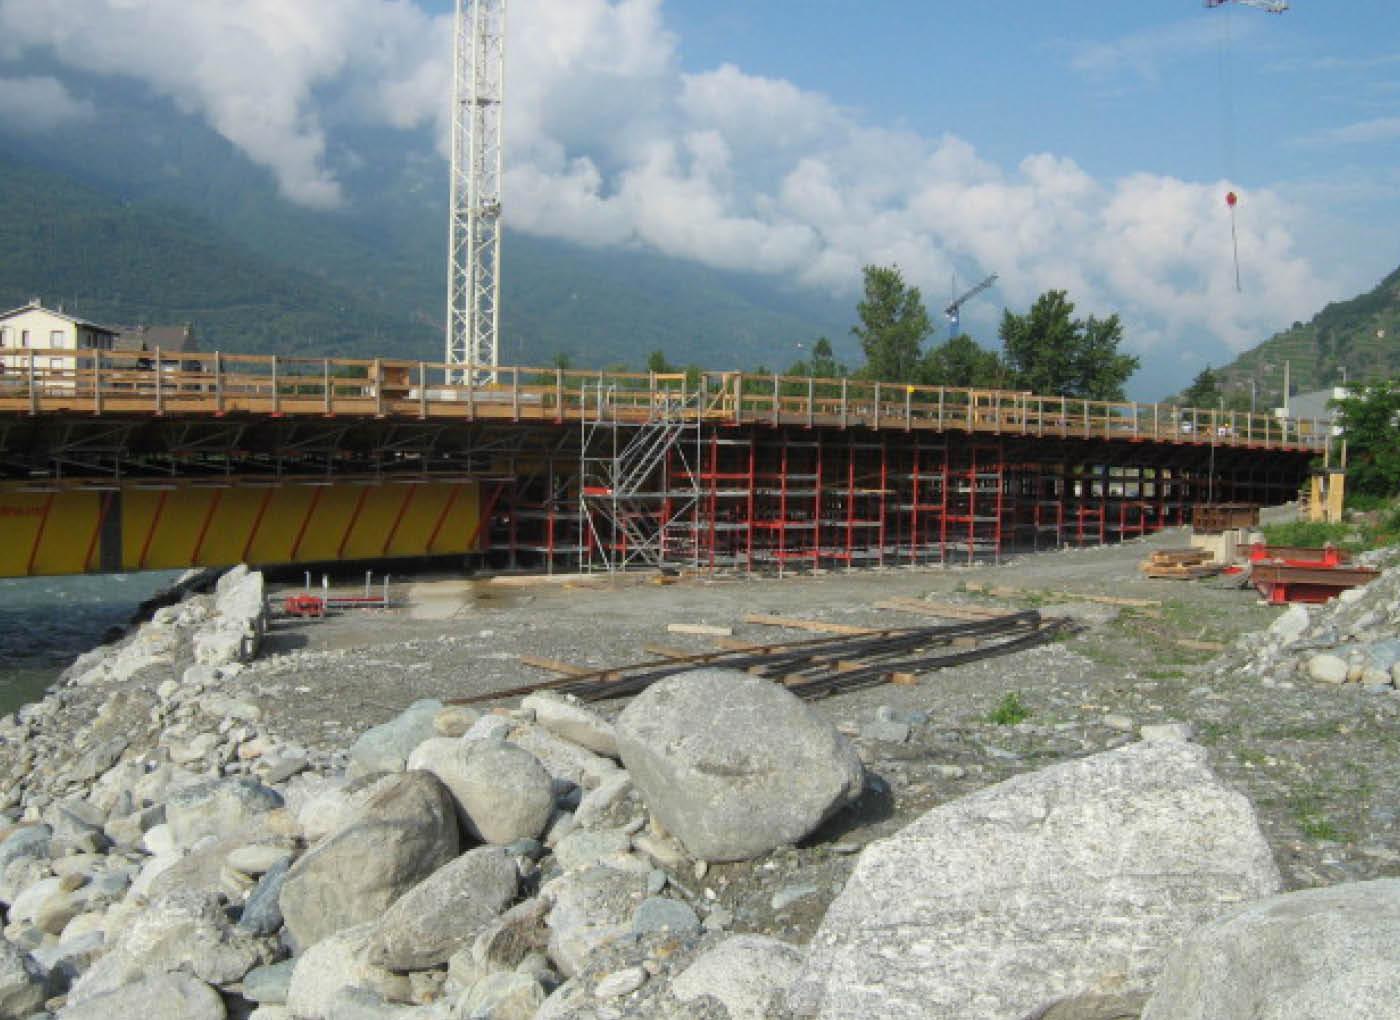 strutture-calcestruzzo-leggero-AE22-4